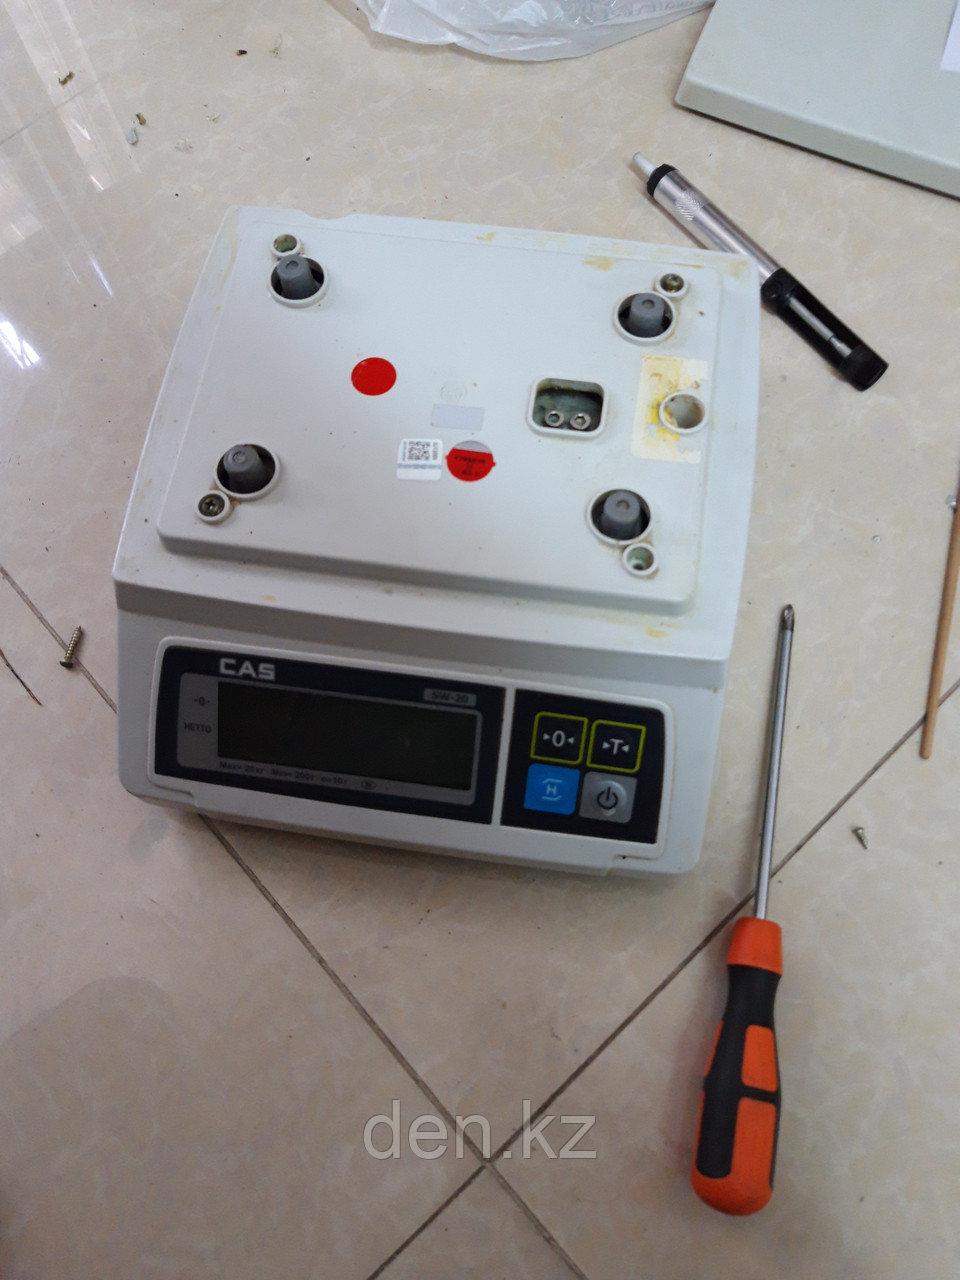 Тестирование весов электронных